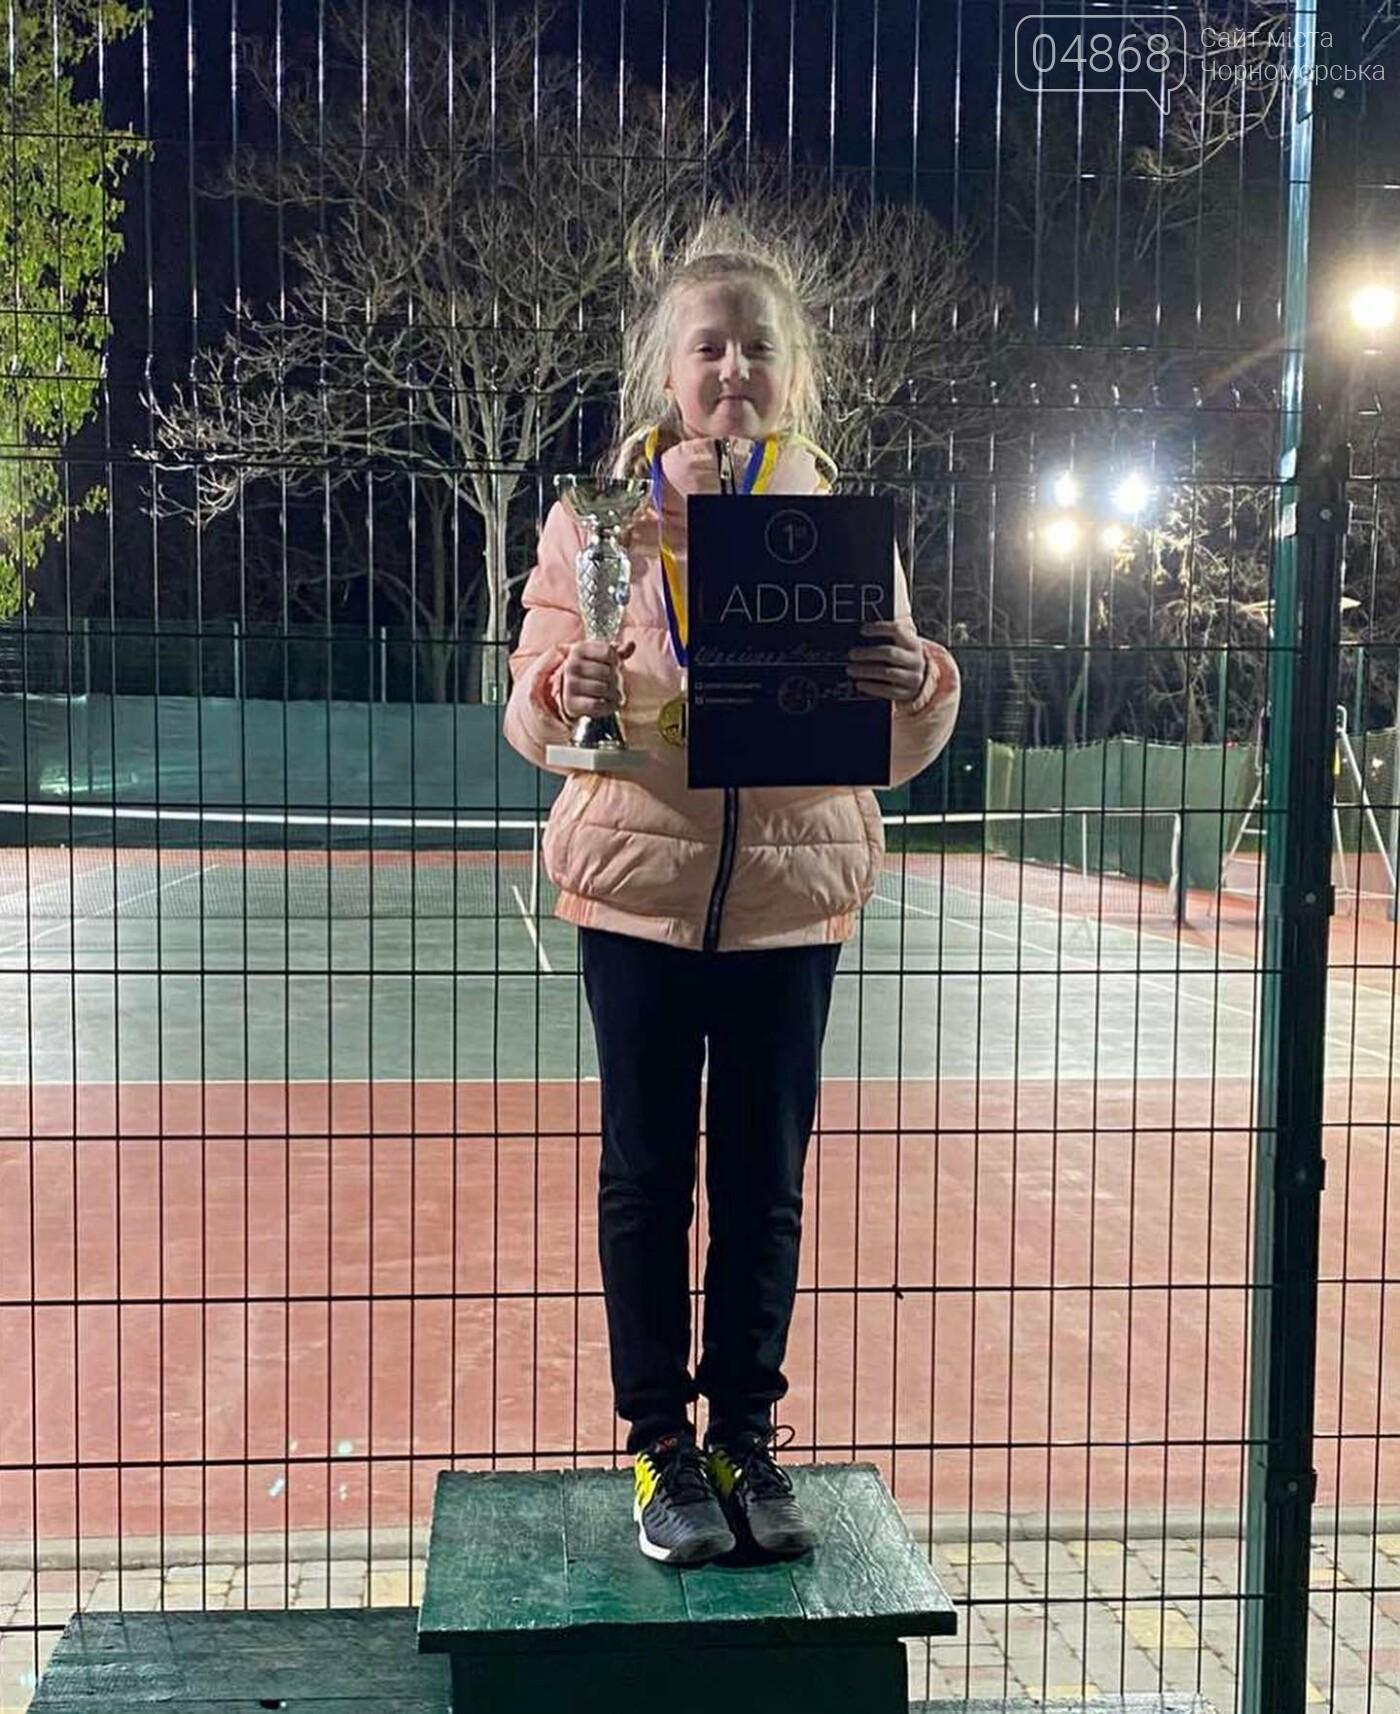 Юные теннисистки из Черноморска завоевали первые места в детском турнире, фото-4